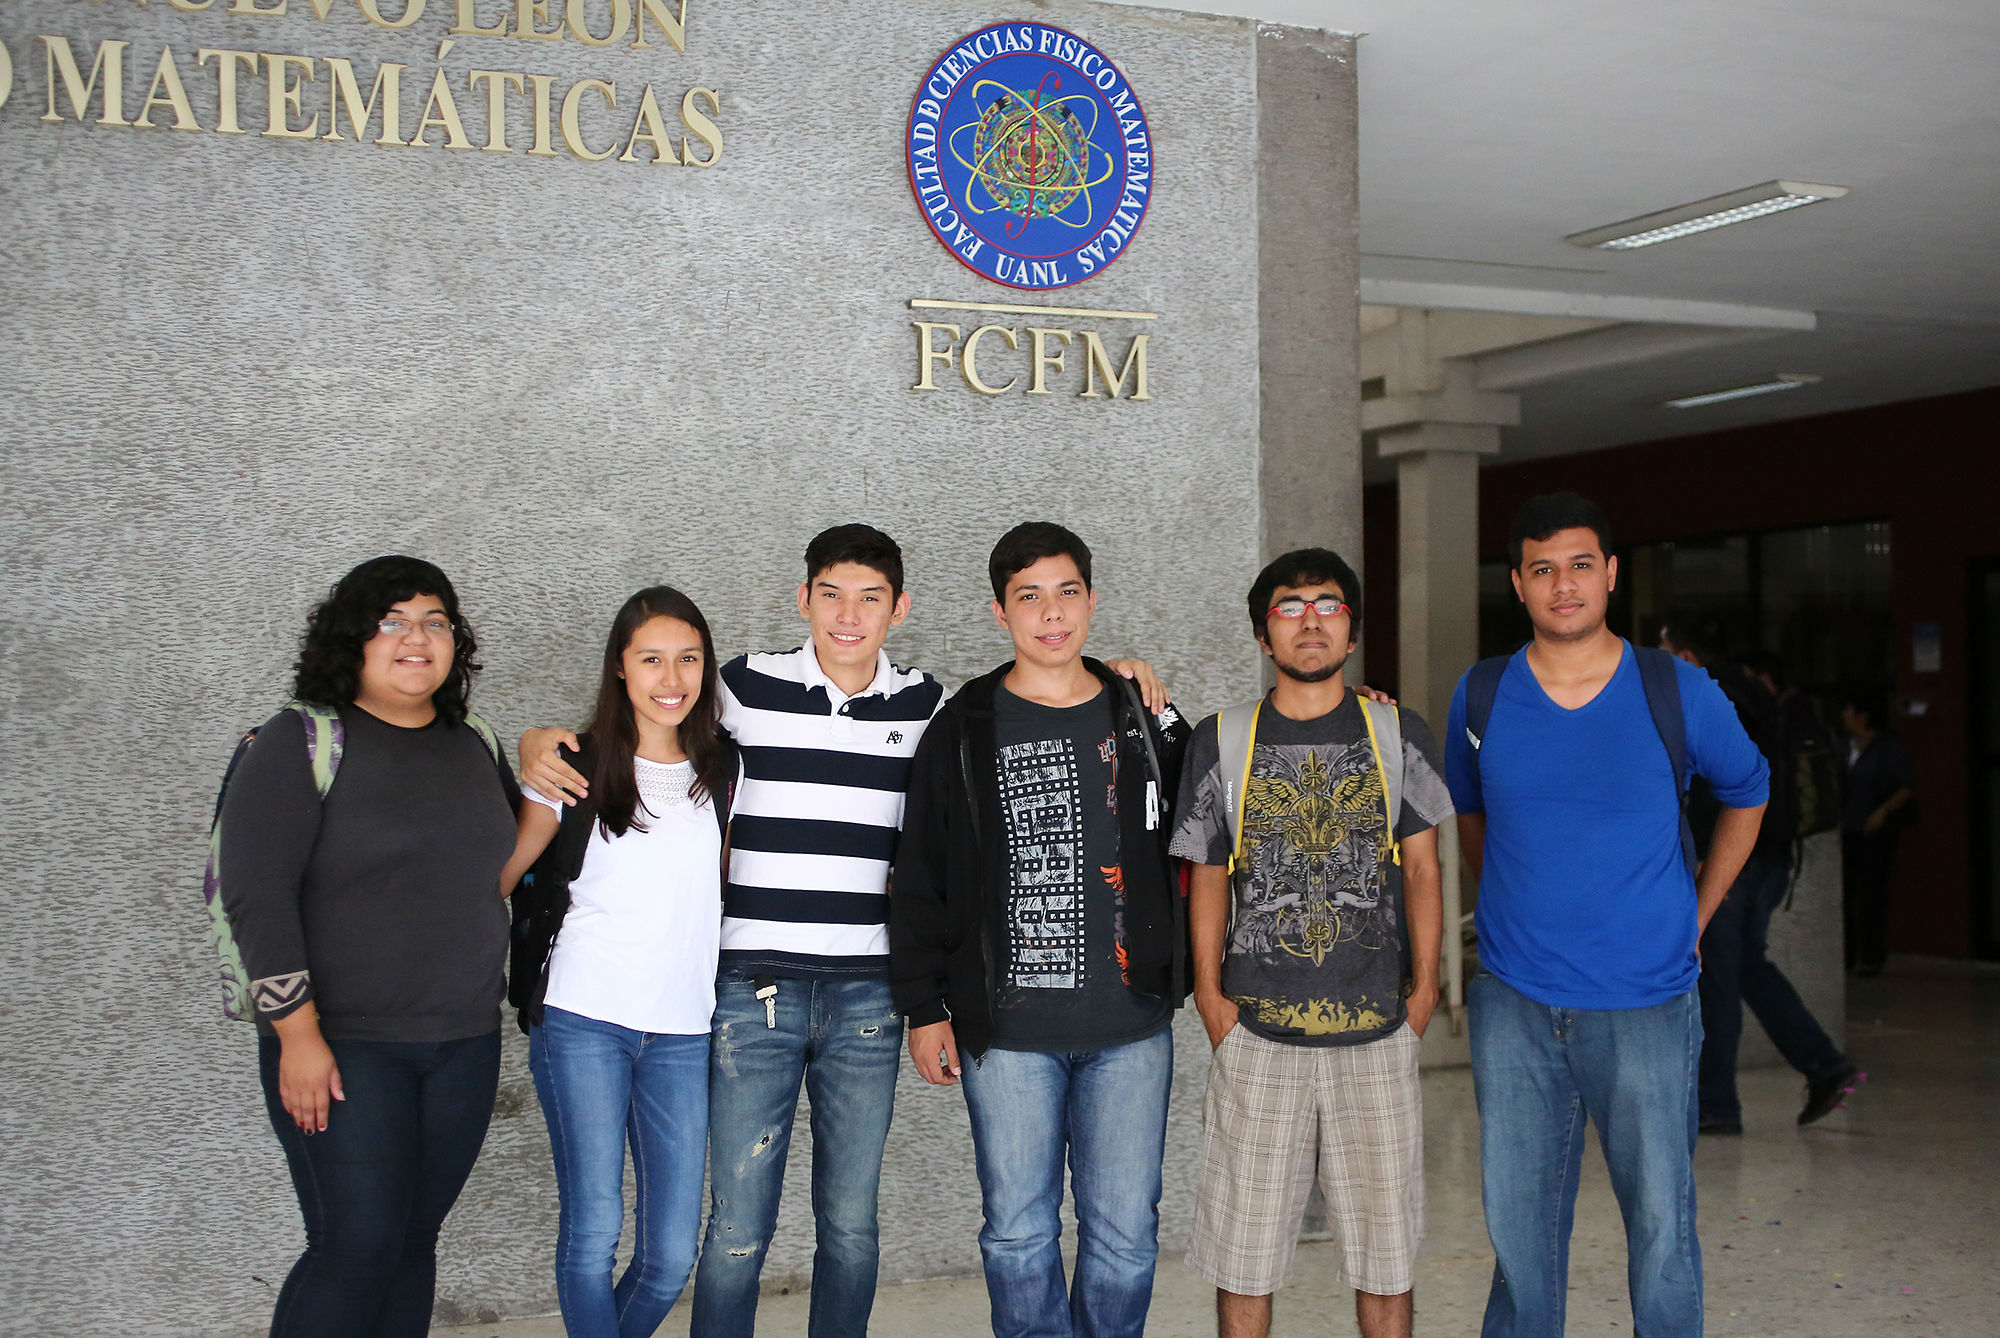 Estudiantes de la FCFM durante el festejo